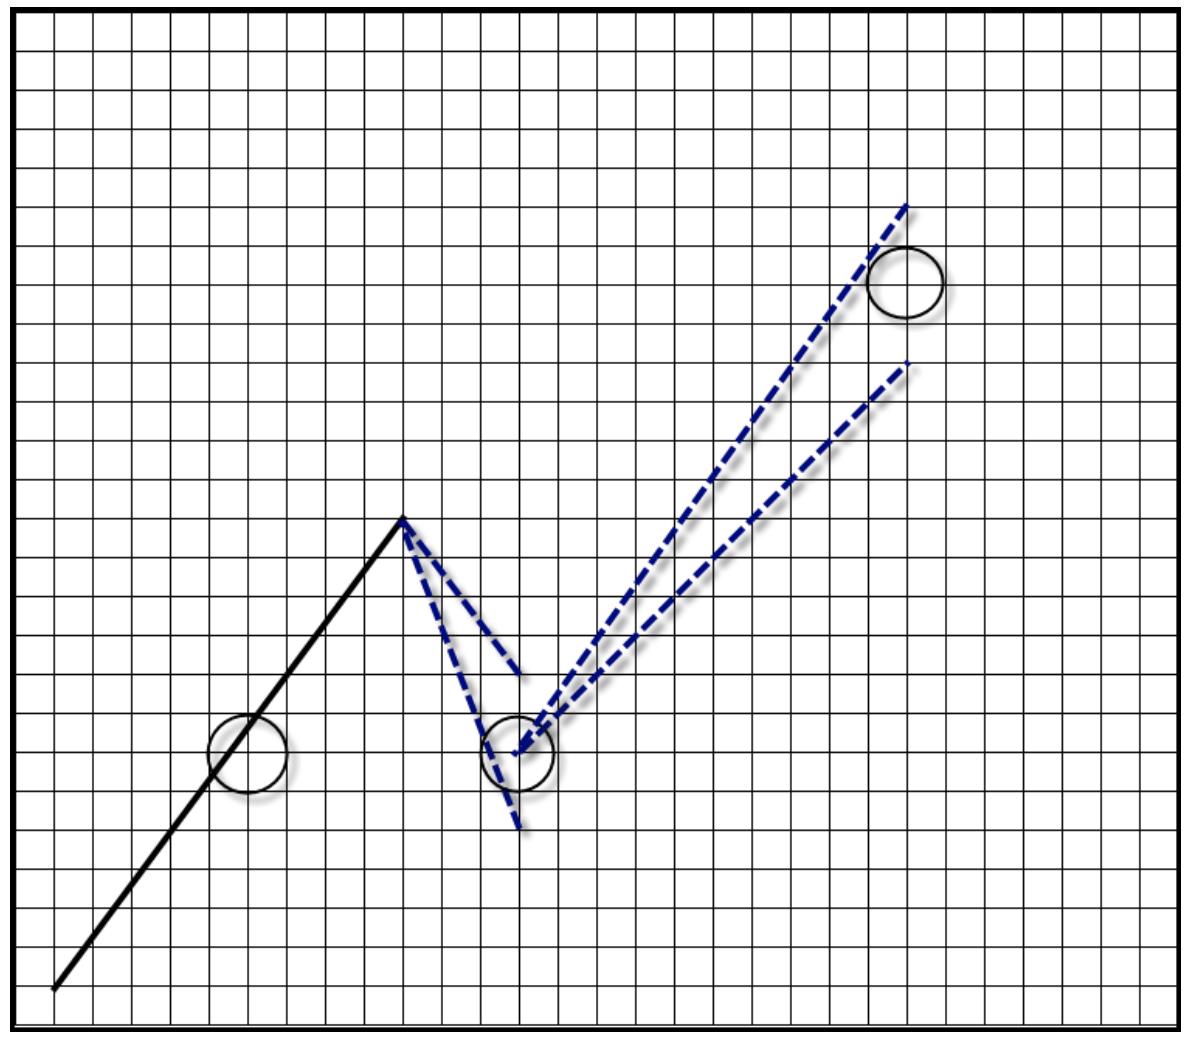 wykres 11 teoria fal goodmana